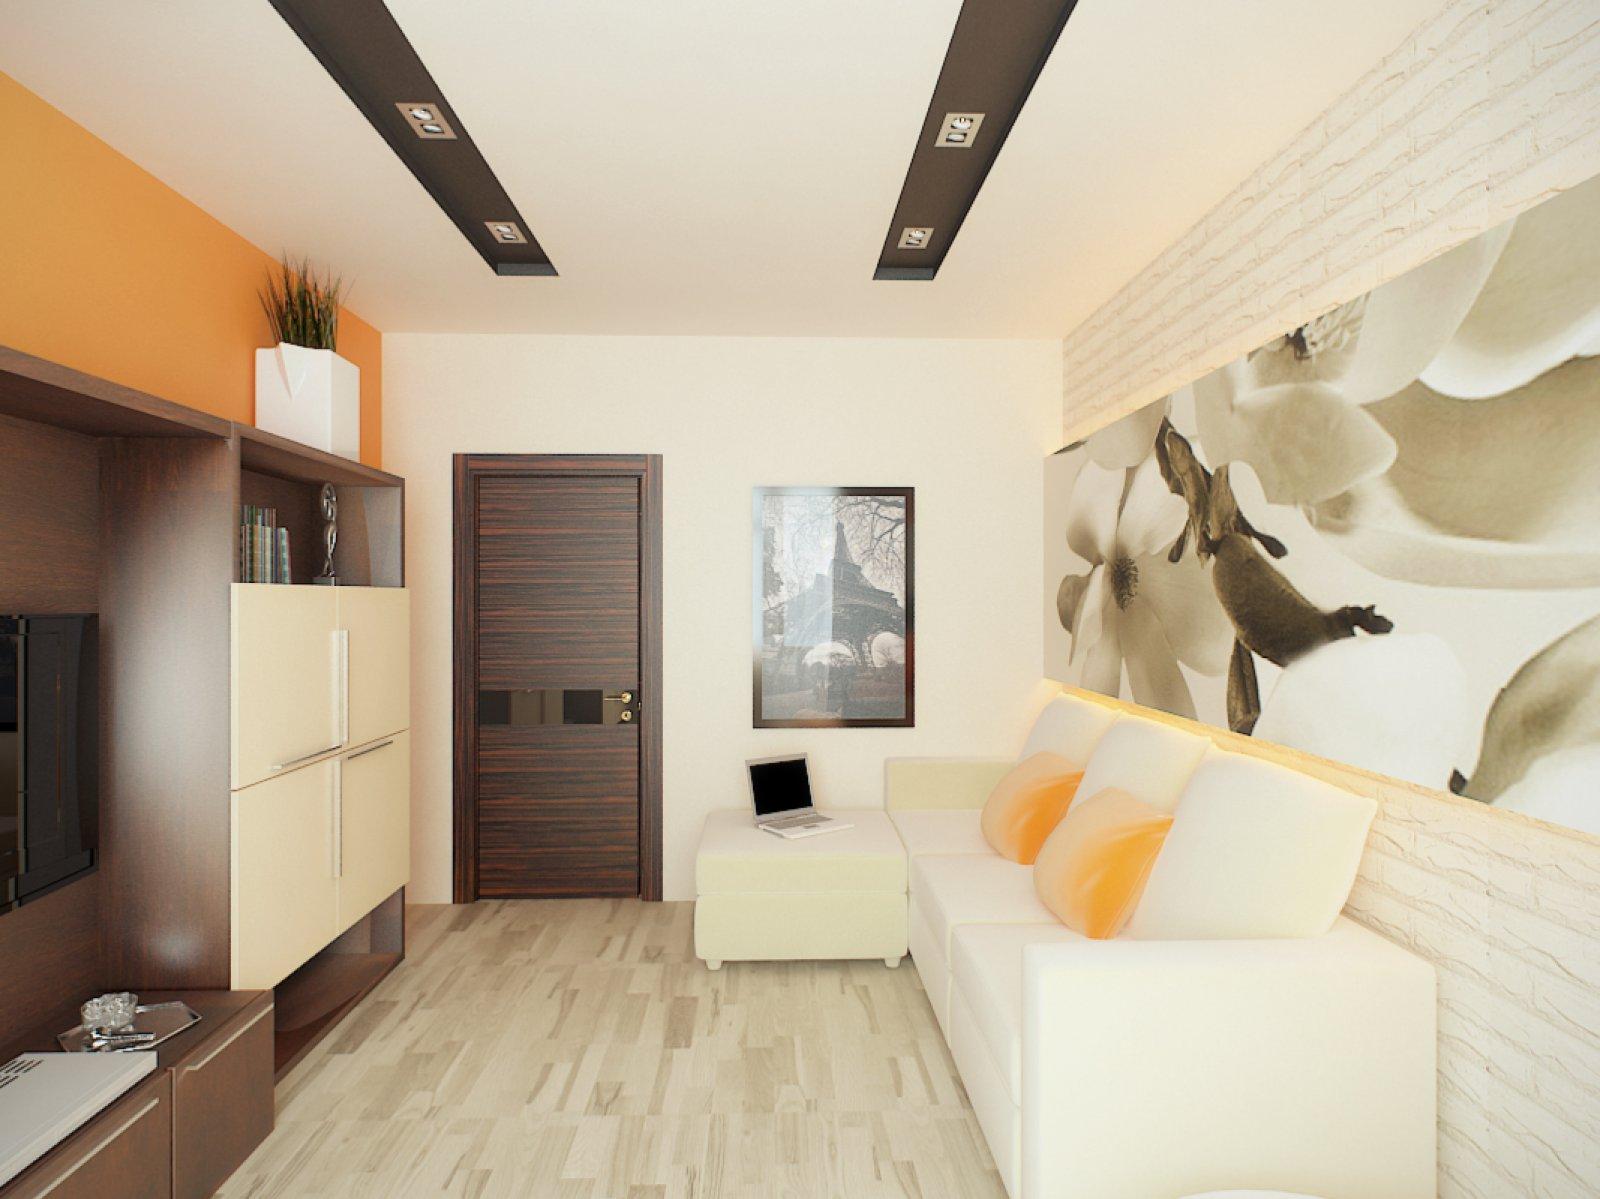 Ремонт в однокомнатной квартире 40 кв м фото интерьера хрущевка